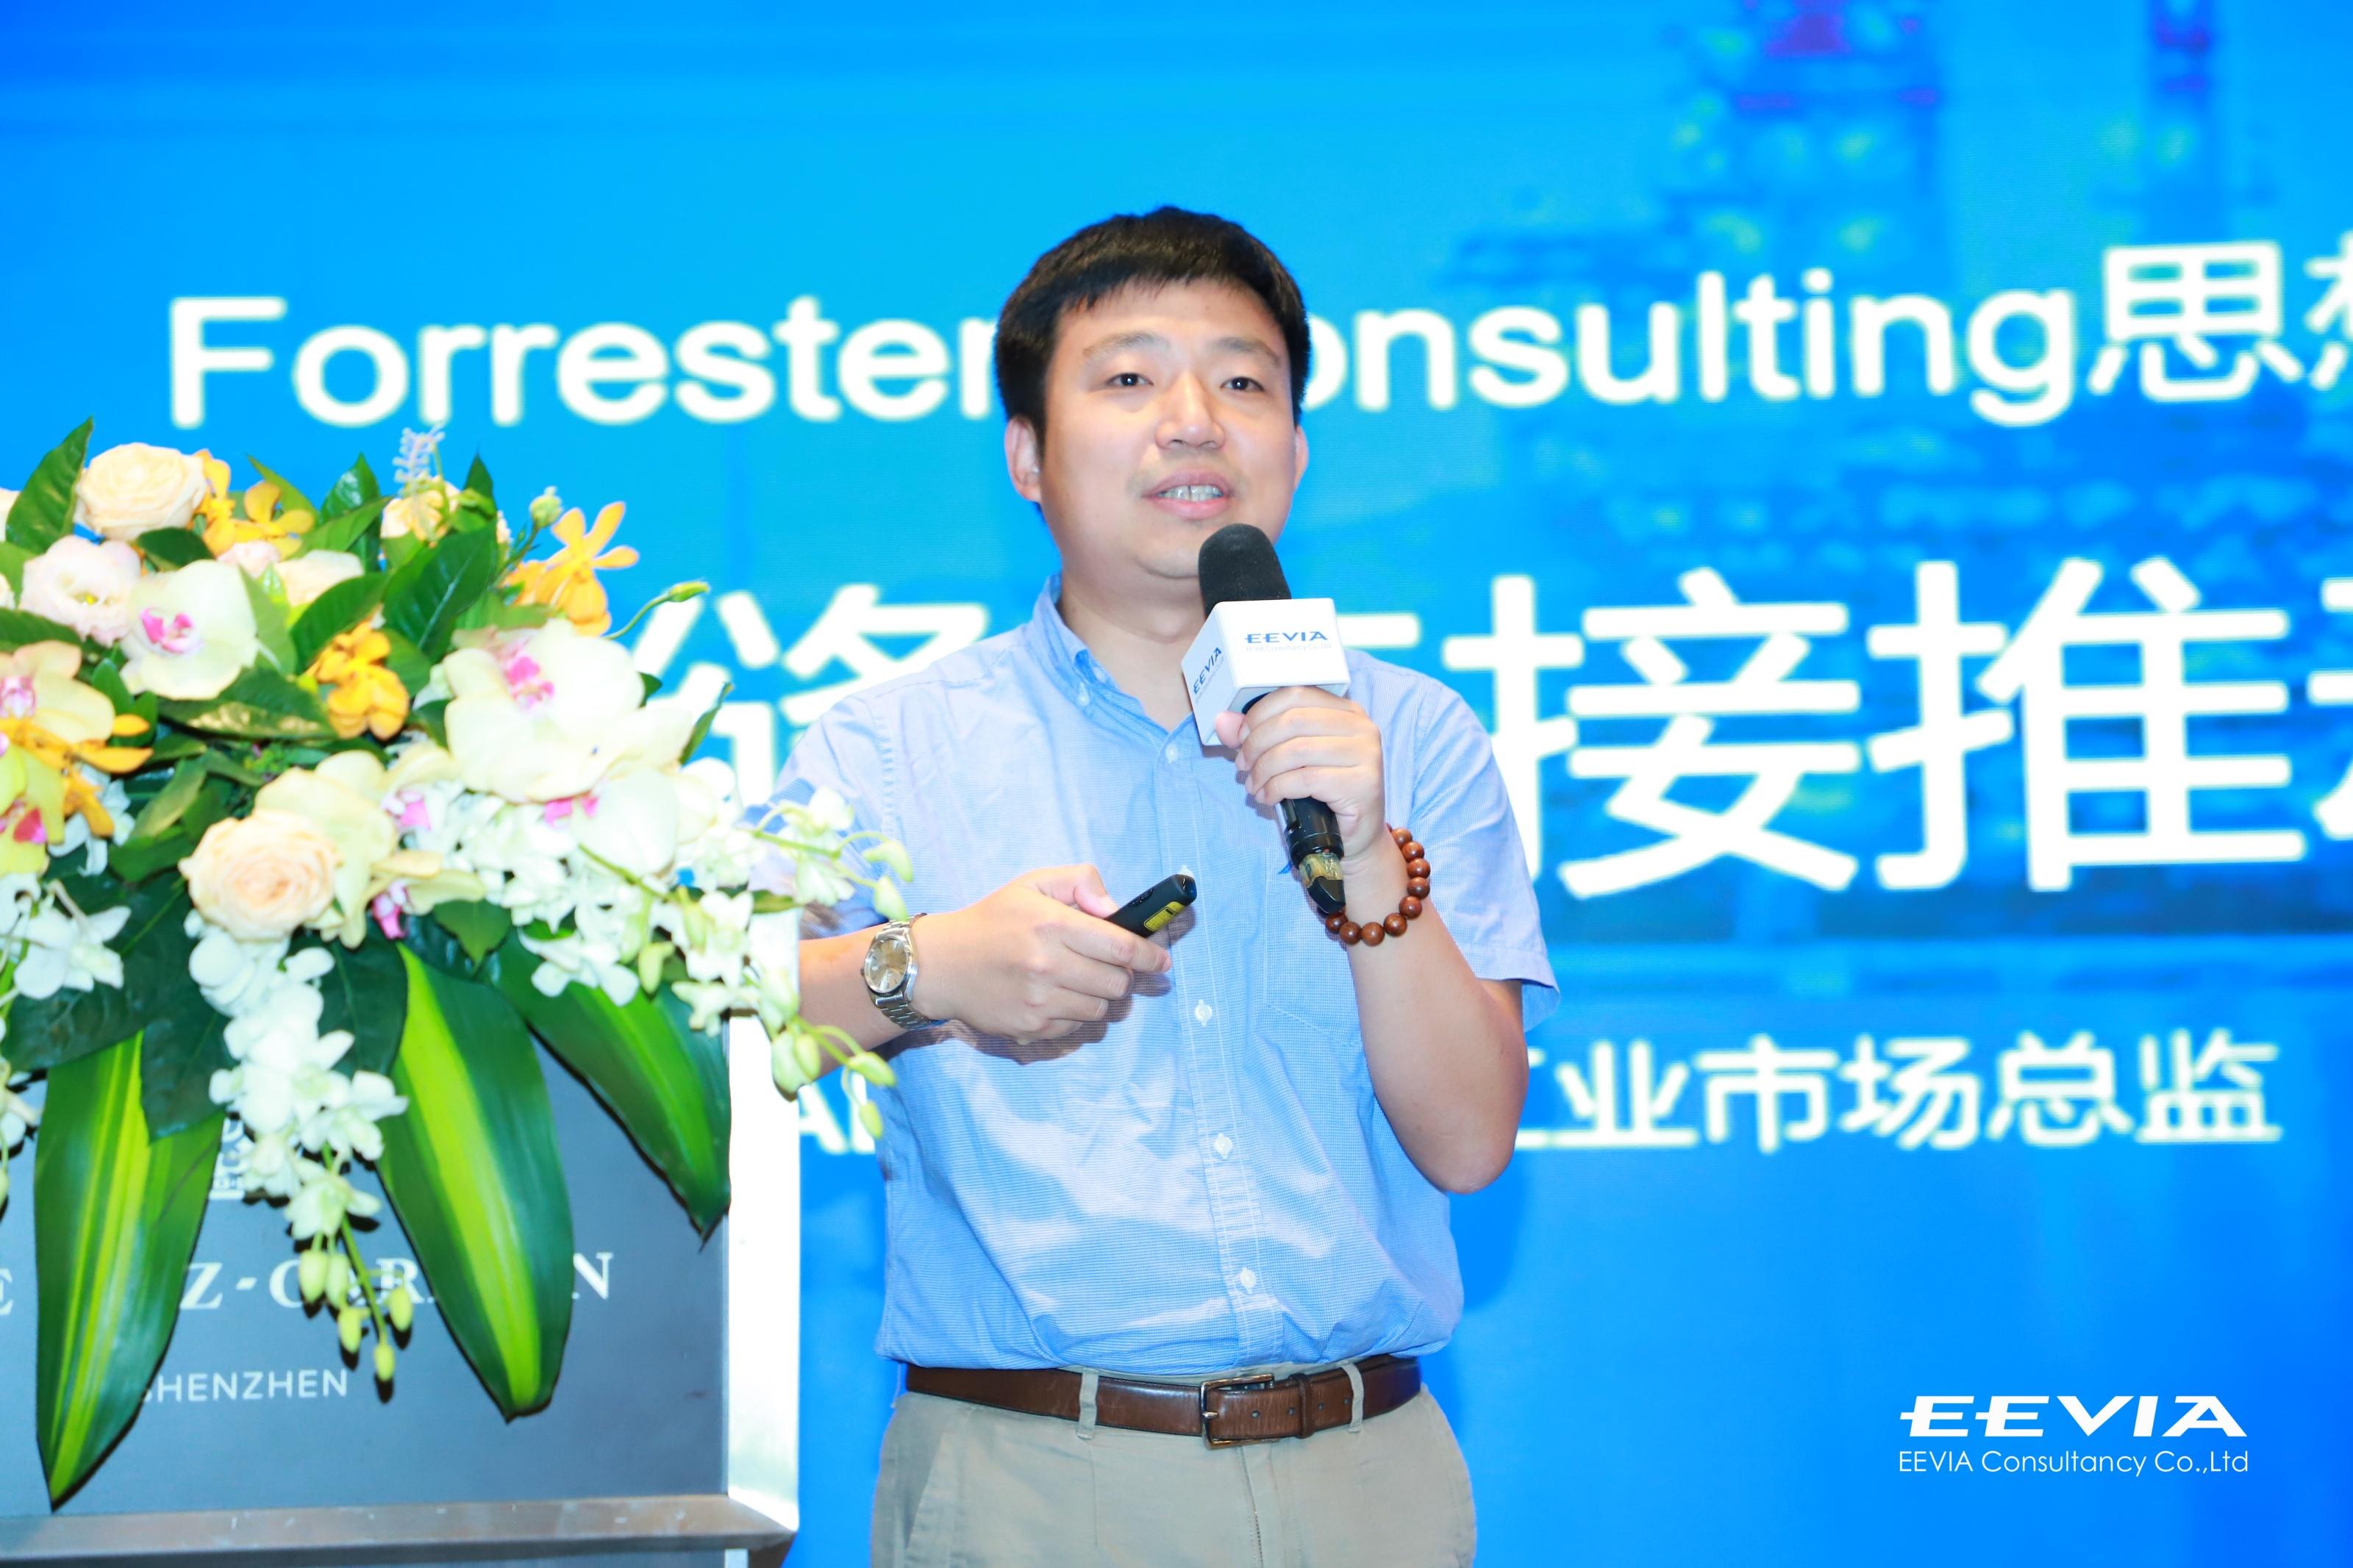 第九届EEVIA年度中国ICT媒体论坛成功举办, 大咖分享科技创新风向标